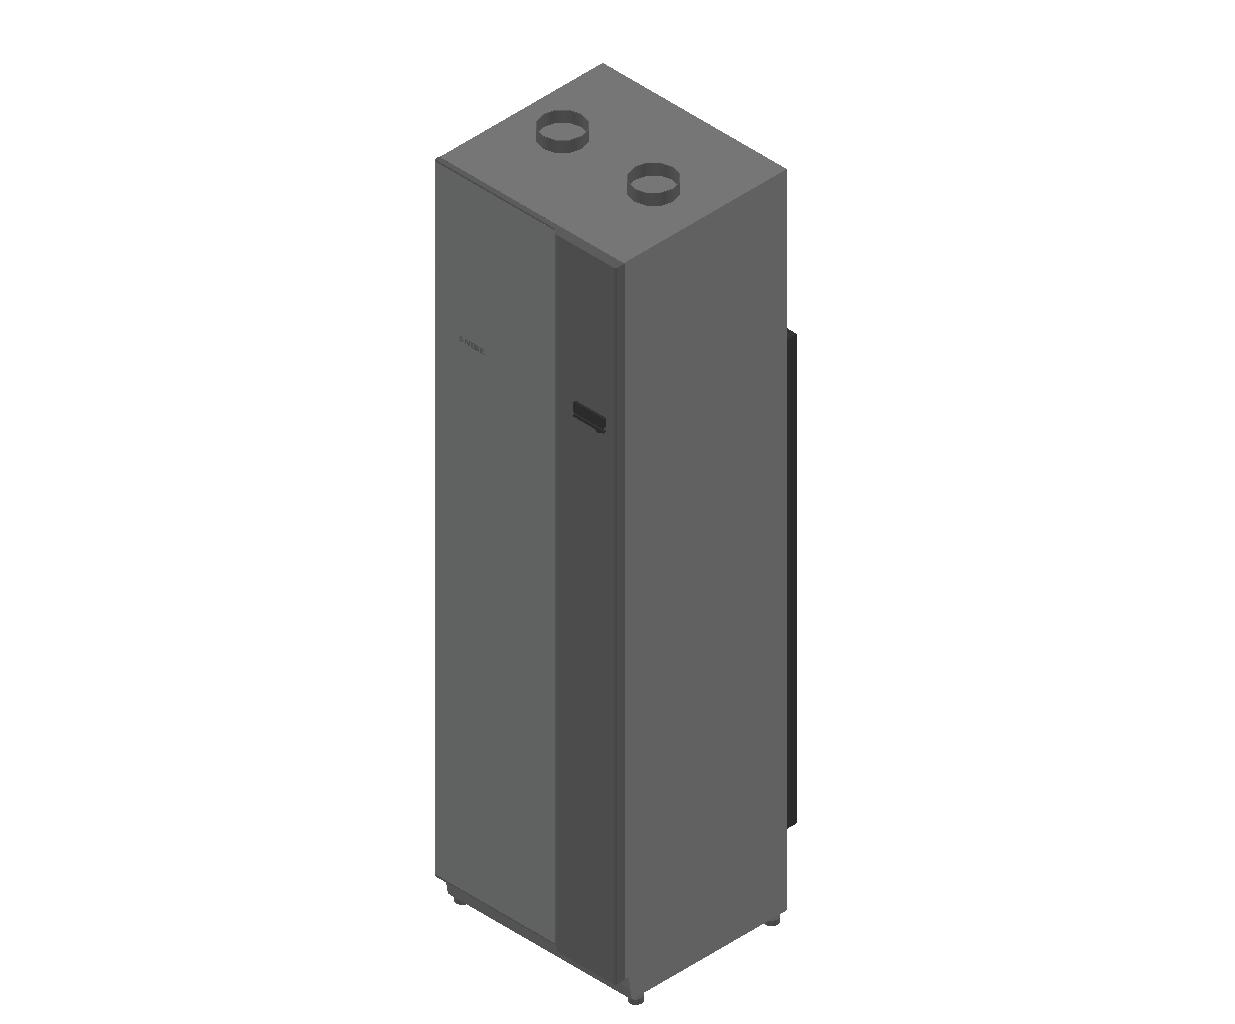 HC_Heat Pump_MEPcontent_NIBE_F370_INT-EN.dwg